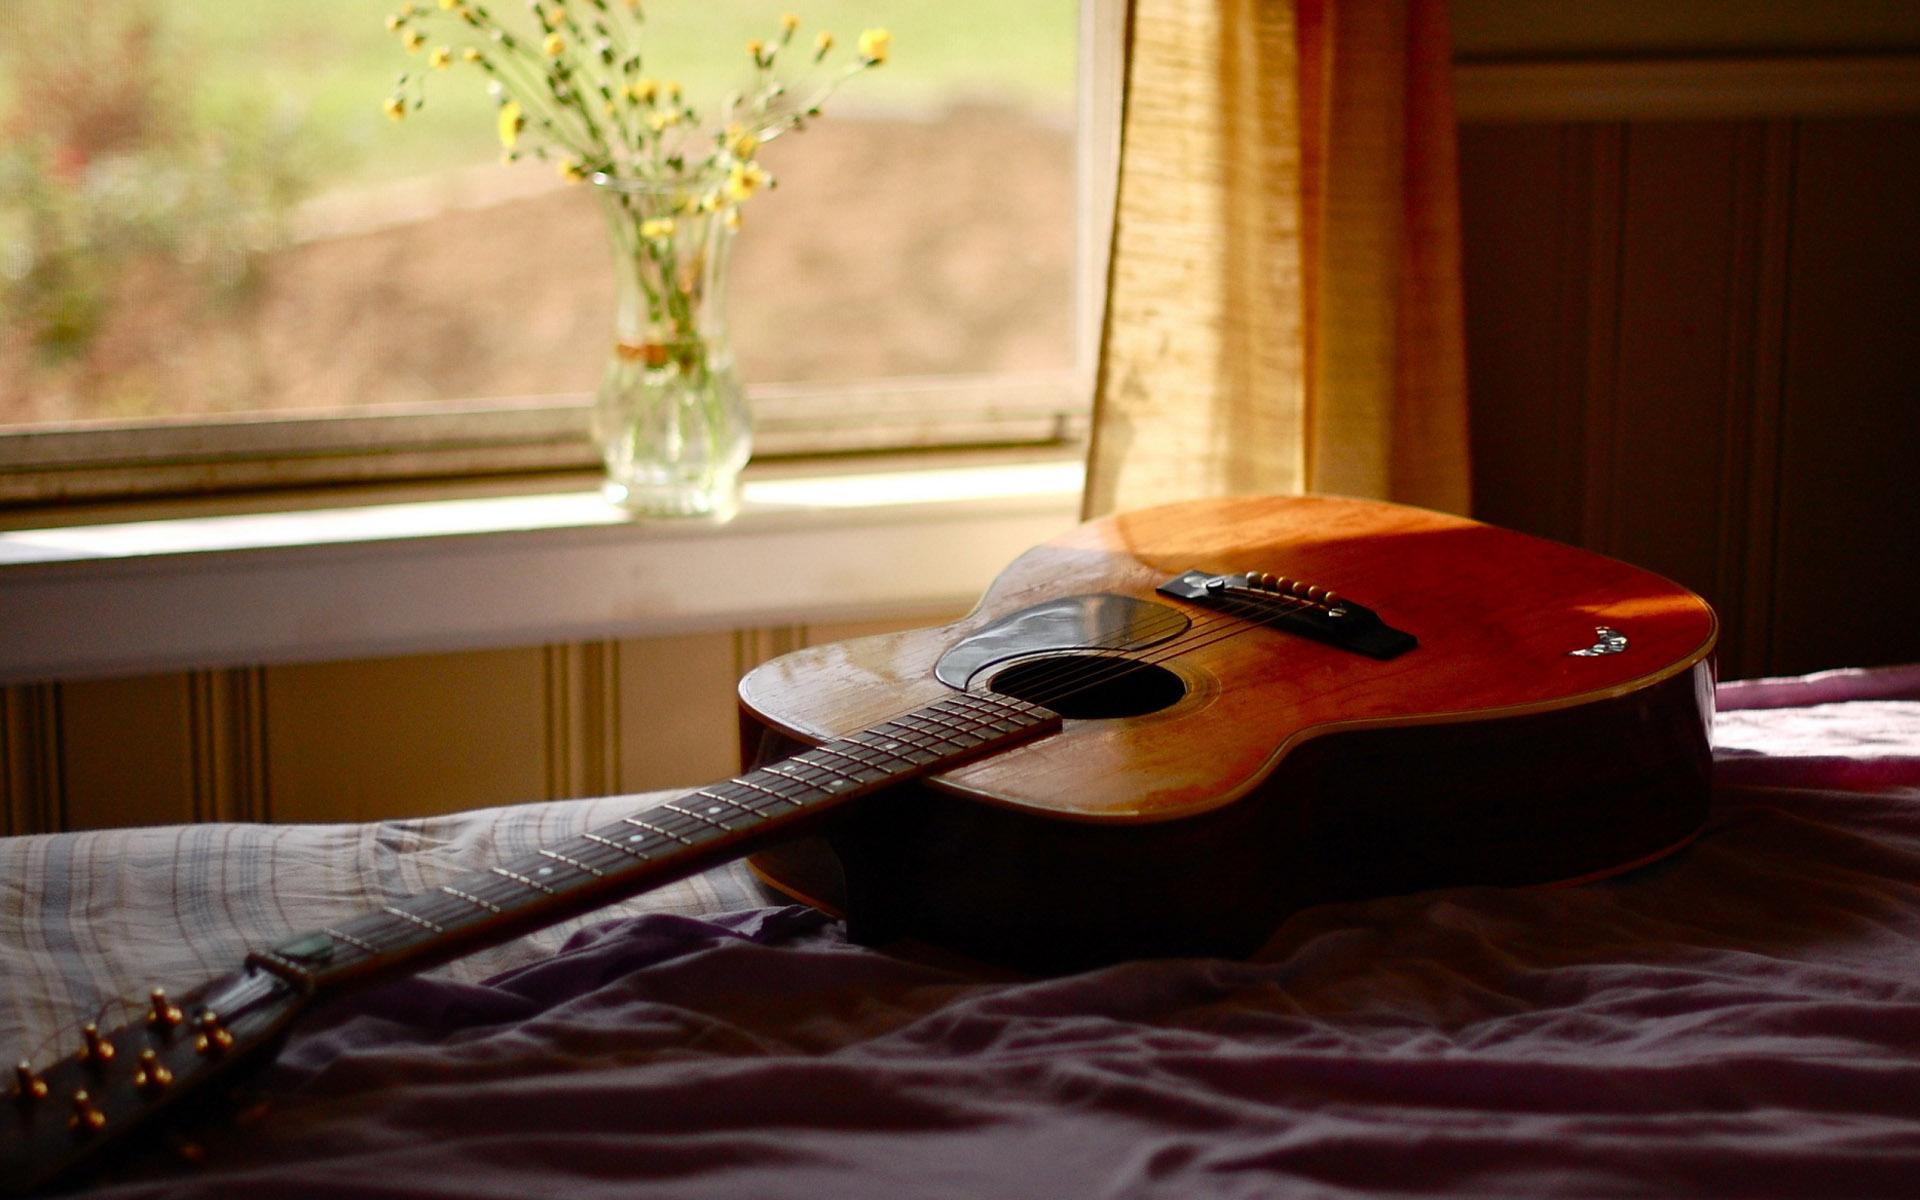 Hd wallpaper guitar - Guitar Wallpapers